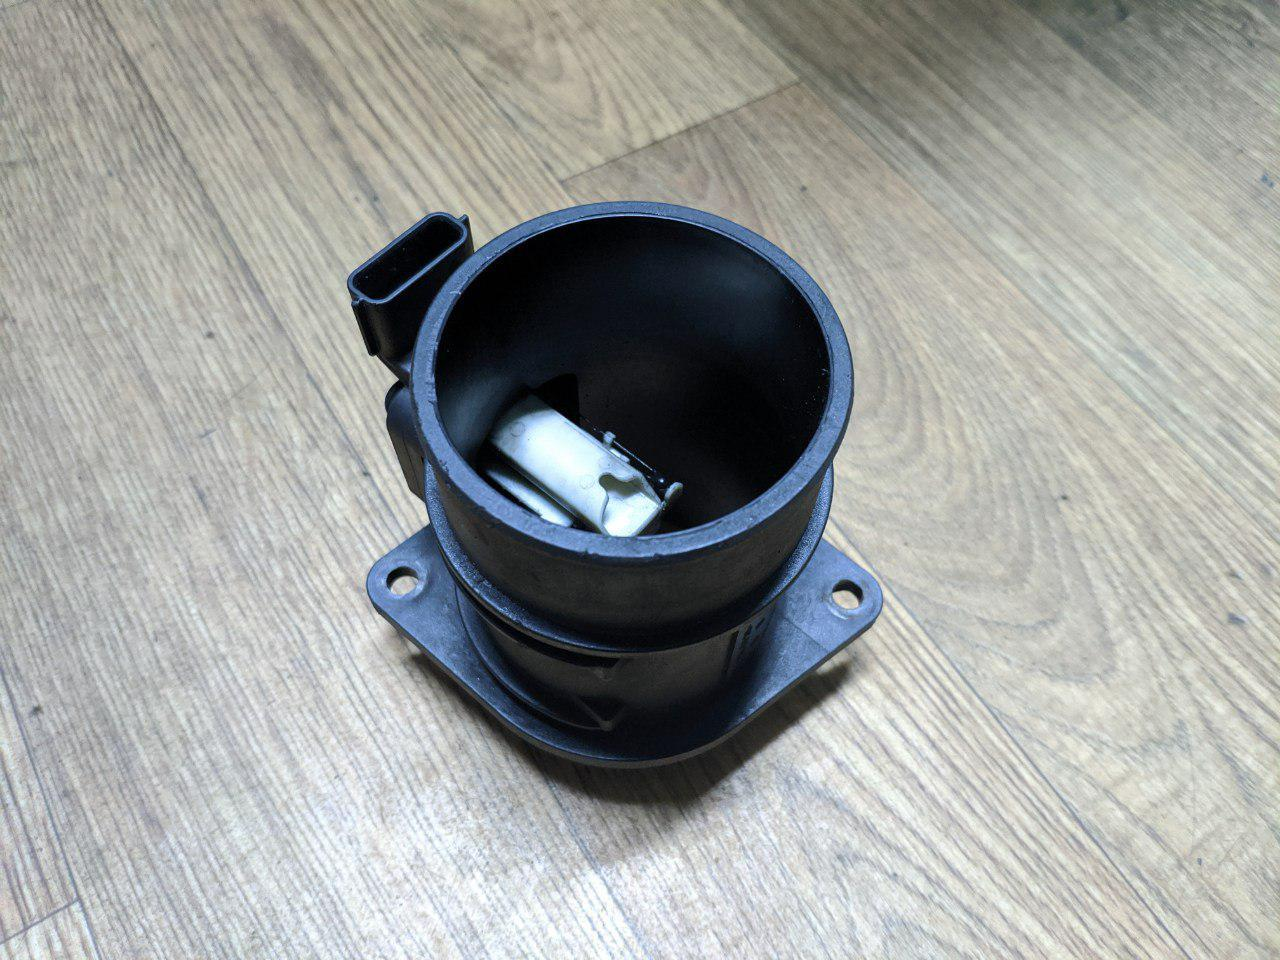 Росходомір повітря Renault Trafic, Opel Vivaro 2.0, 2.5, 2006-2011, 8200280060 (Б/У)